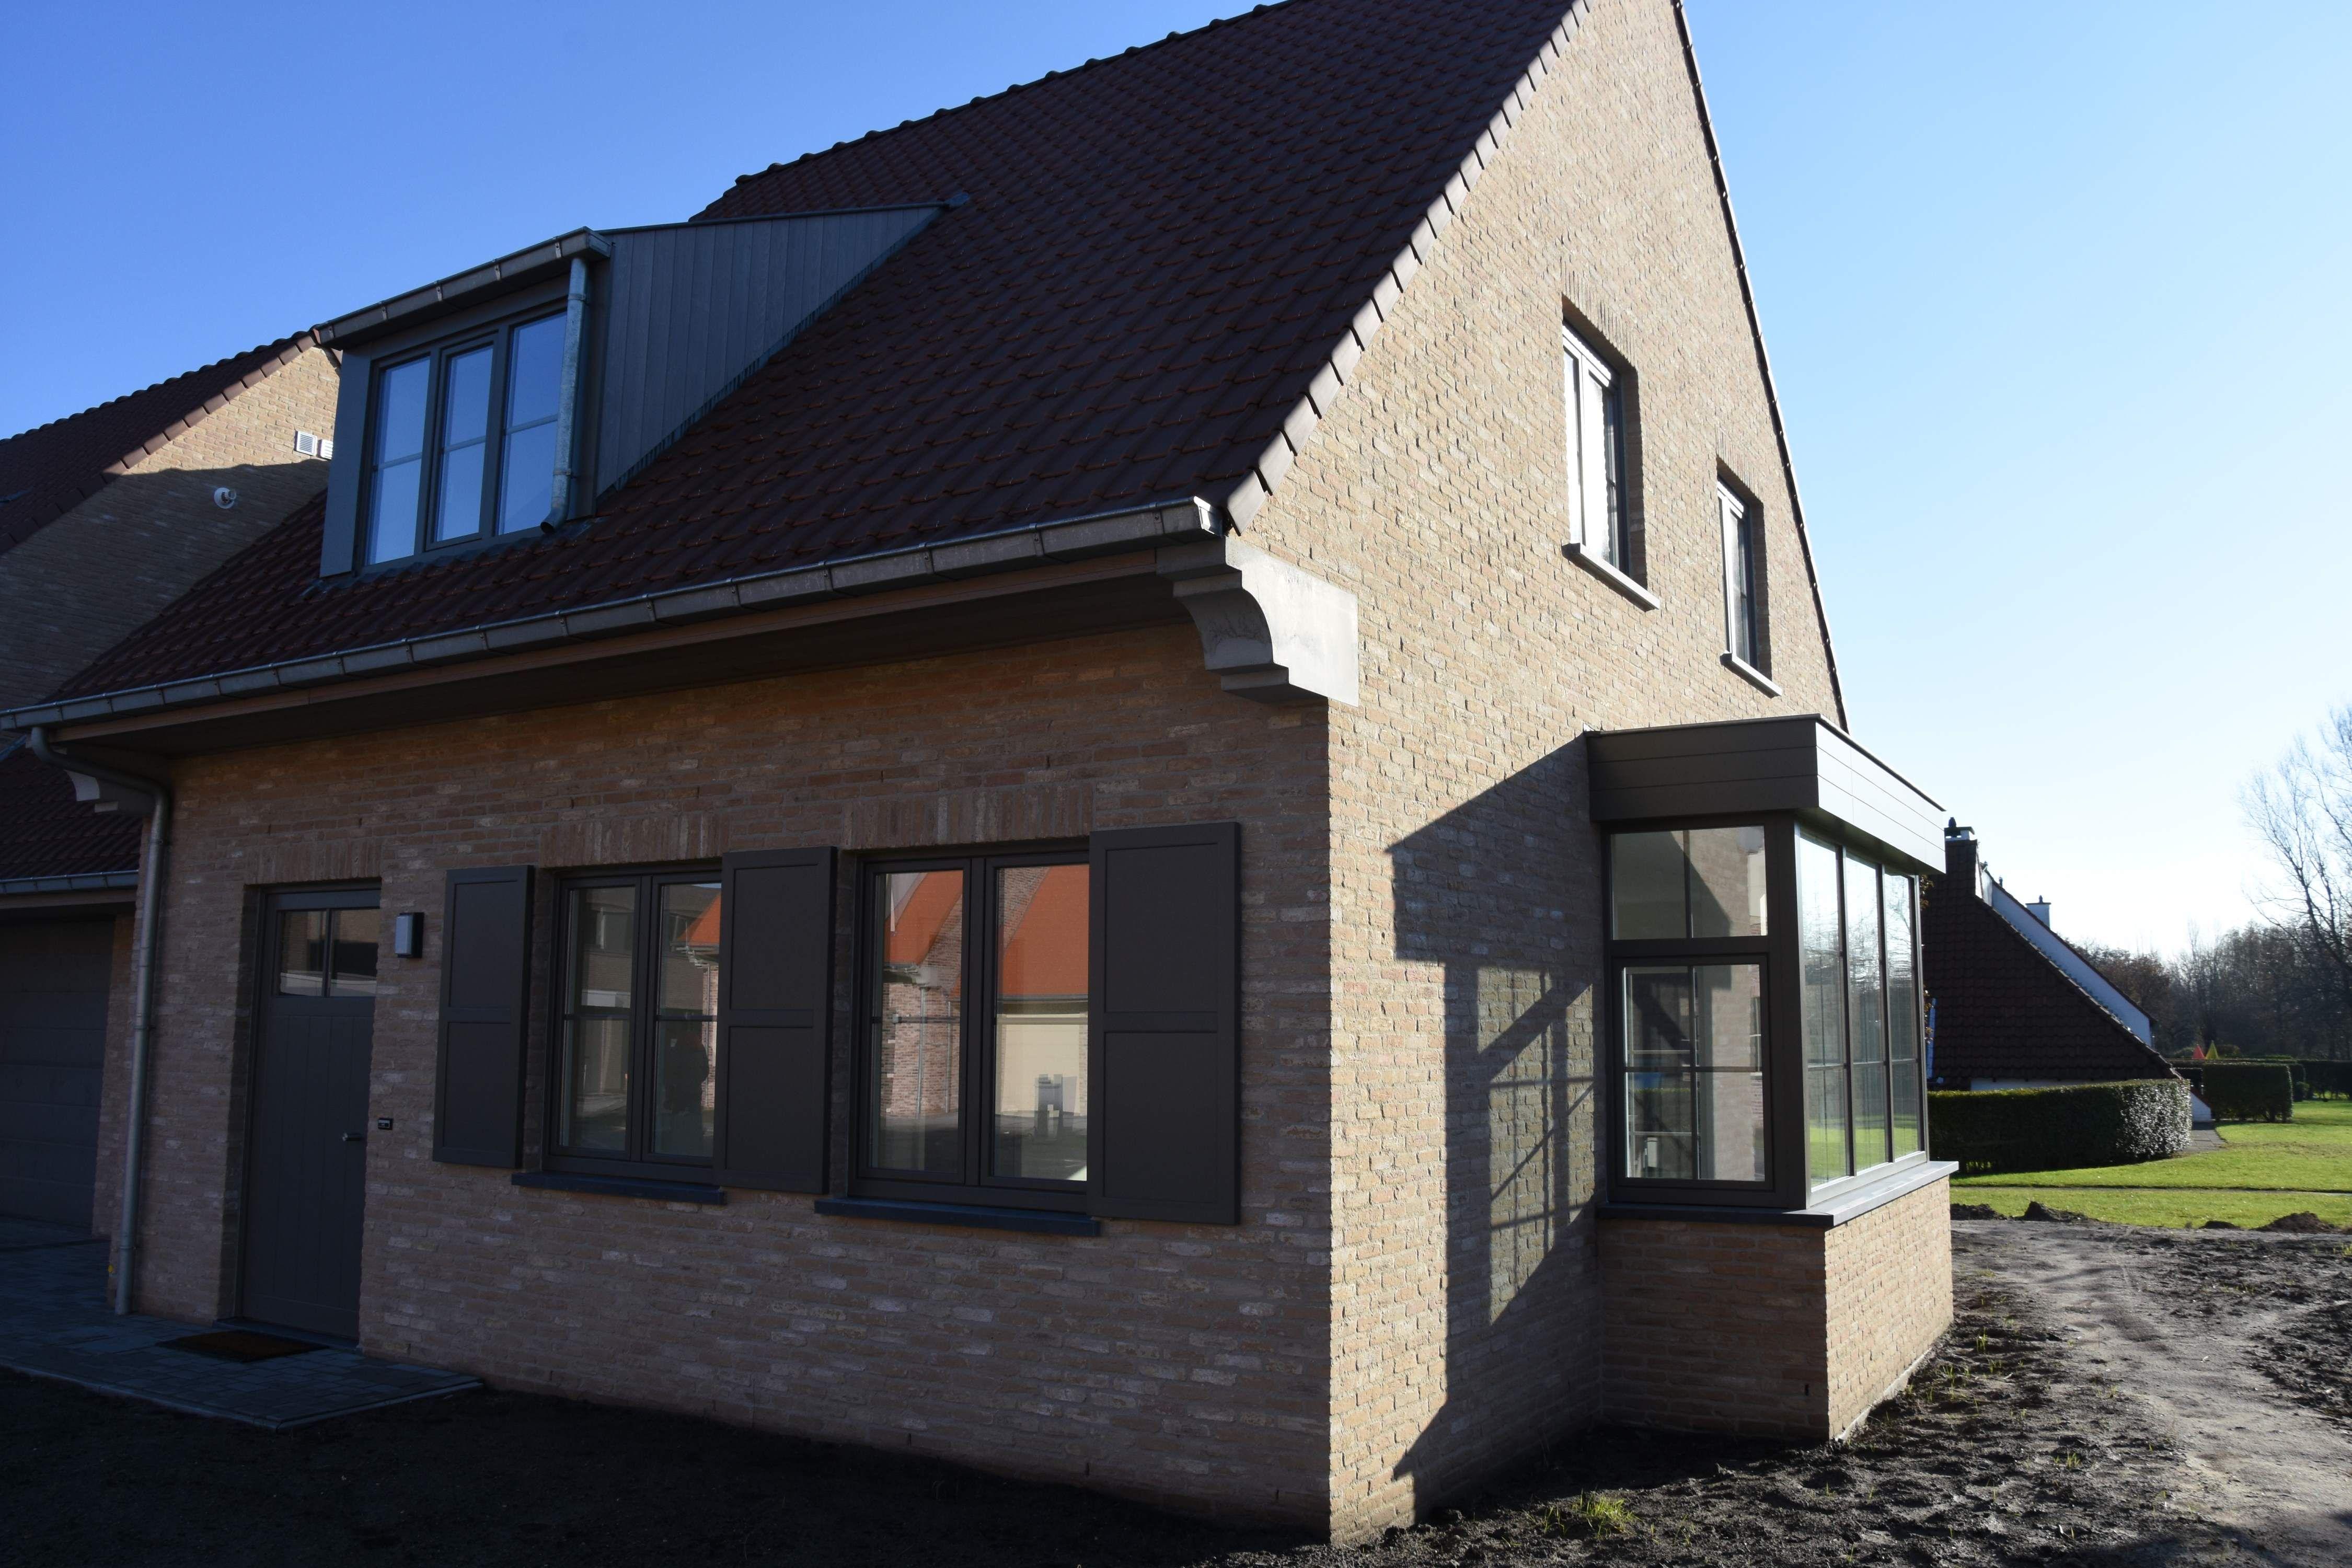 Nieuwbouw woning Gustaaf Buffelstraat Nieuwpoort - 7410